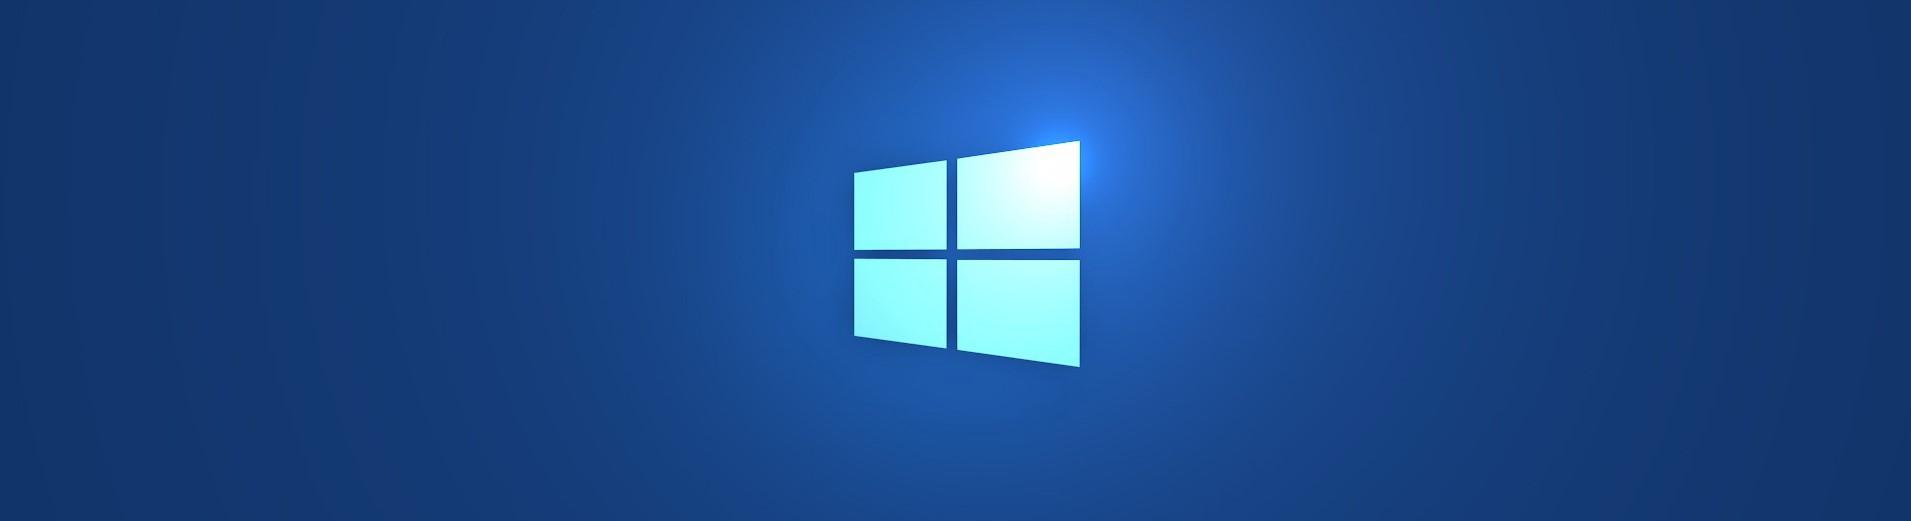 ایده آل، مثل مدیر عامل Microsoft در هنگکنگ